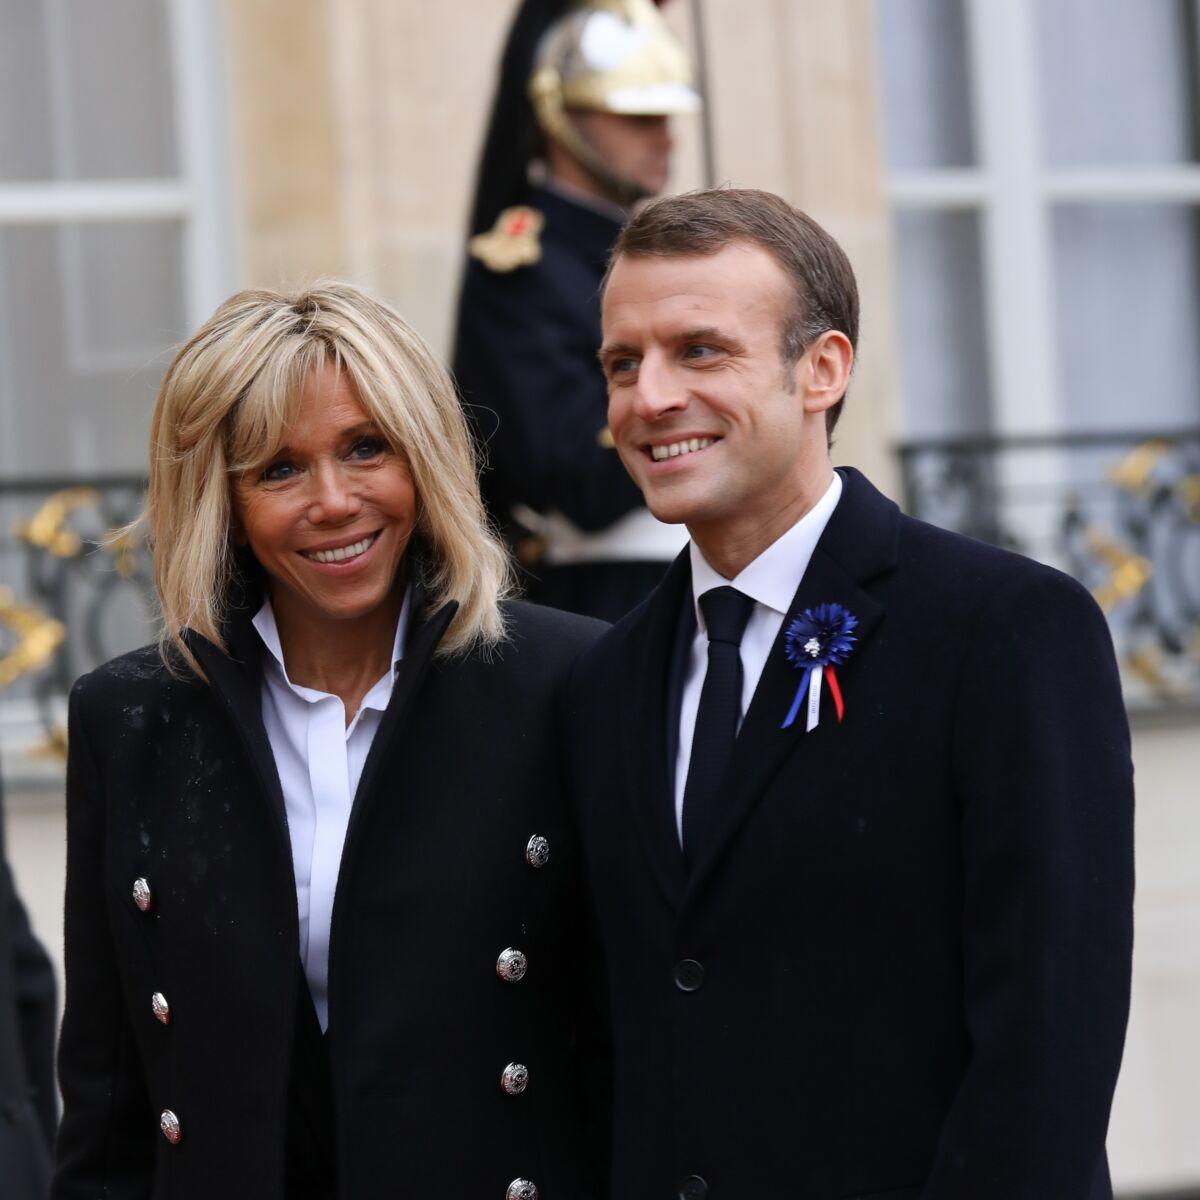 Le Jour Ou Une Femme A Pris Brigitte Macron Pour La Mere D Emmanuel Macron Femme Actuelle Le Mag